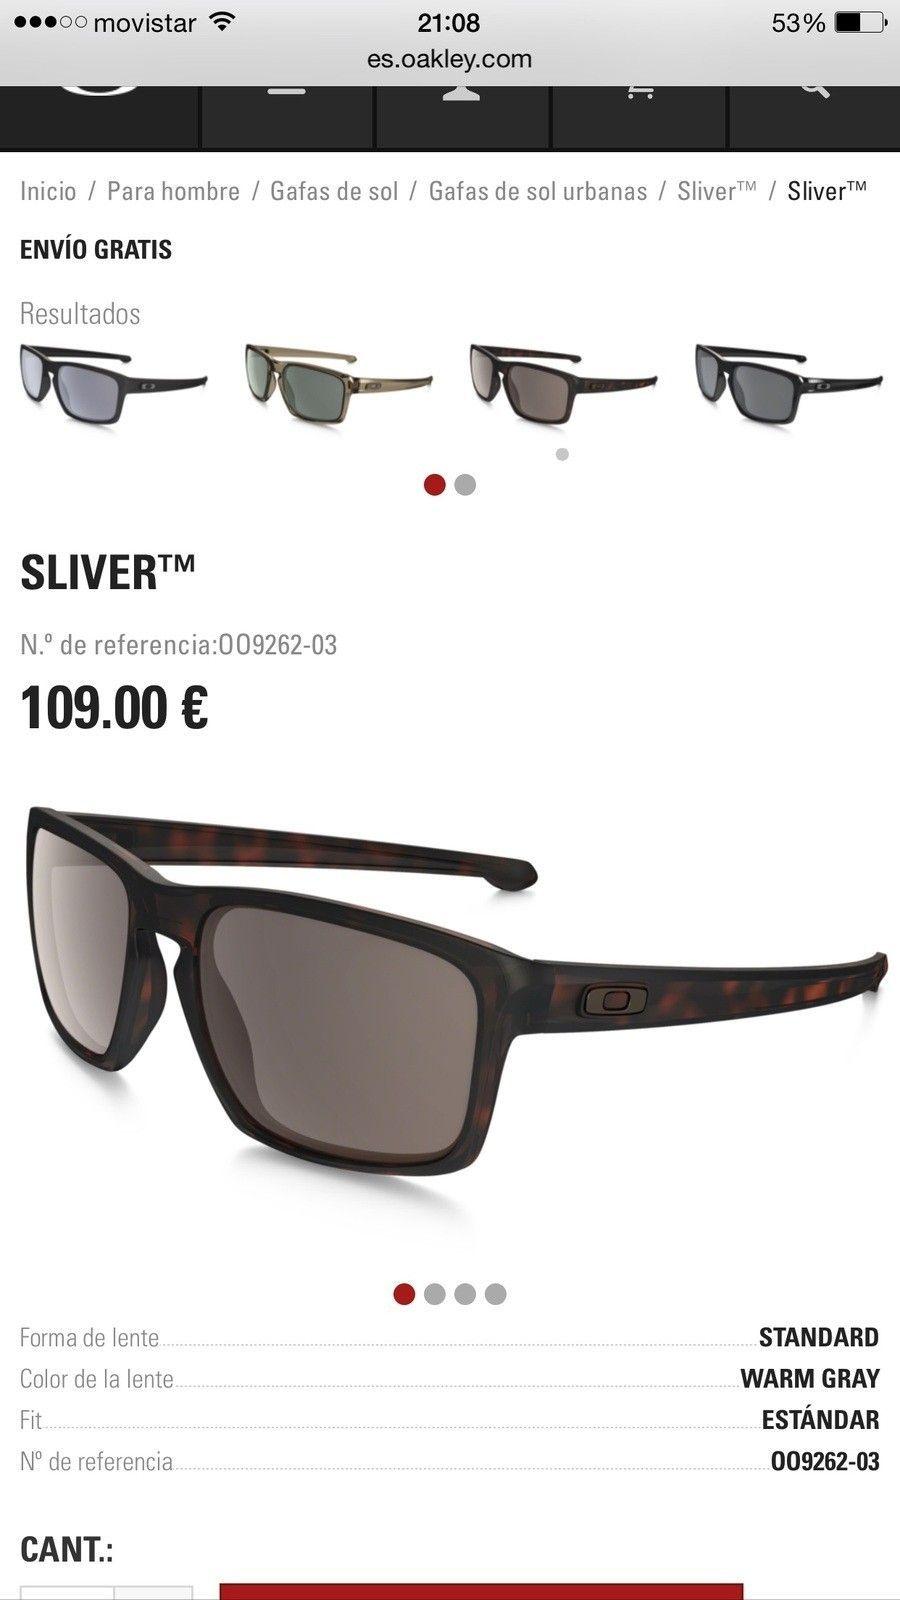 Warm grey vs dark grey lenses - image.jpg